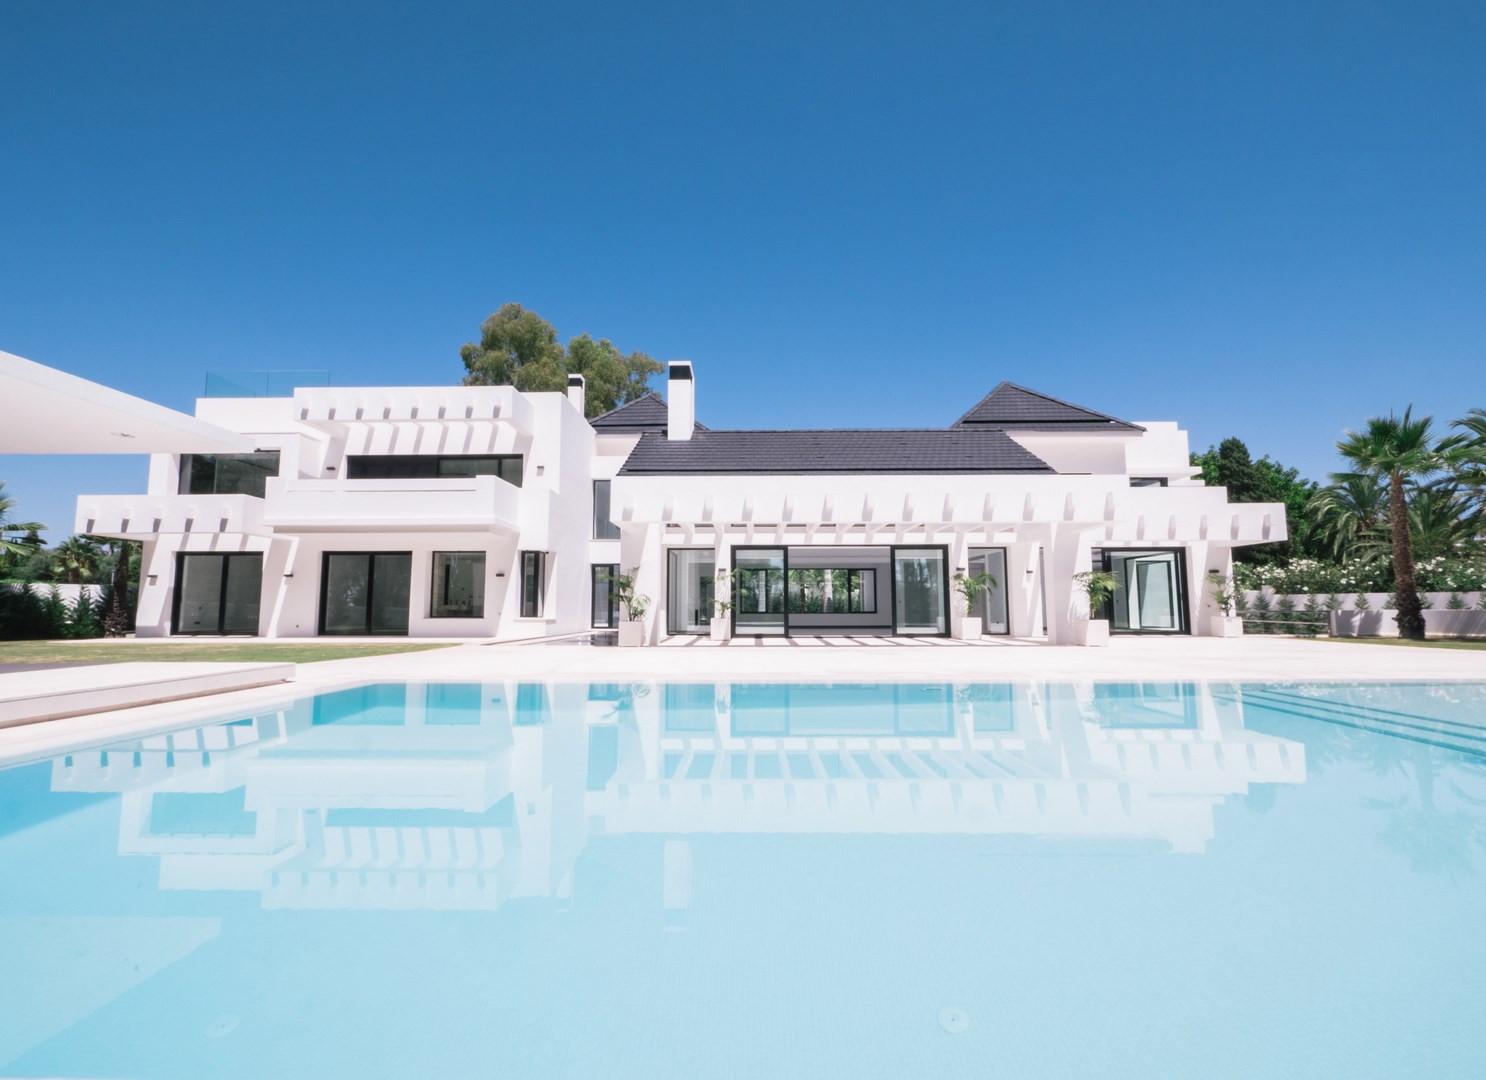 ARFV1861 - Fantastische luxuriöse, moderne Villa  zum Verkauf in Guadalmina Baja